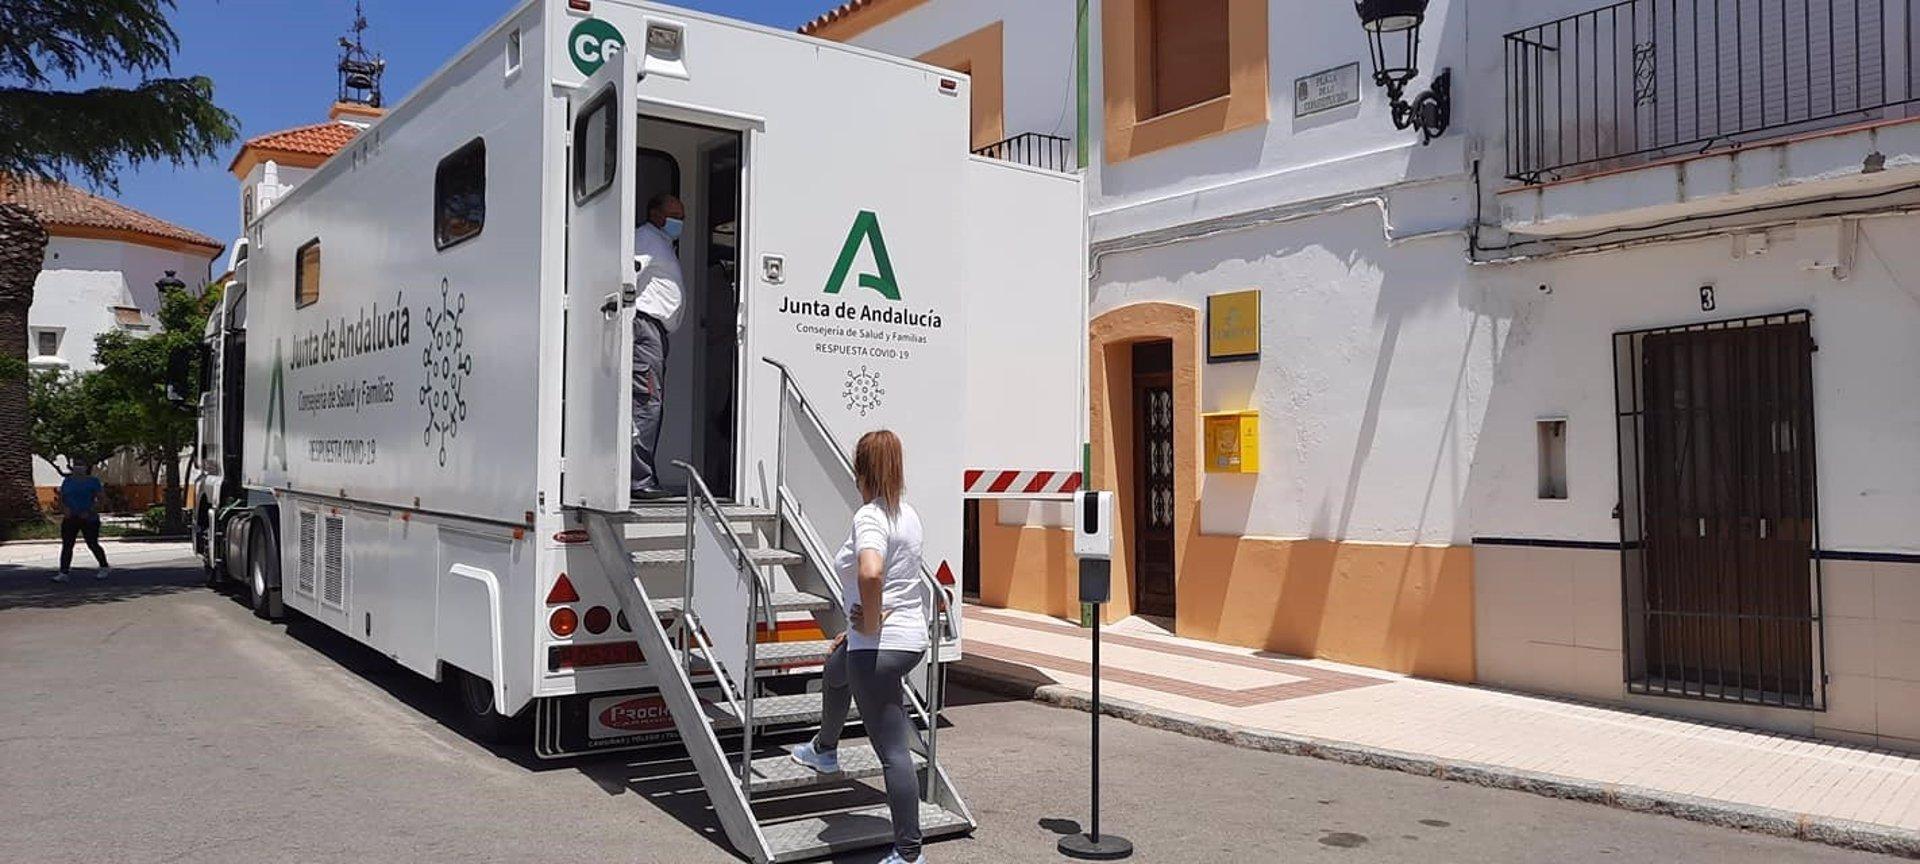 Andalucía baja su tasa de 200 por primera vez en dos meses y registra 1.095 contagios y 29 muertes